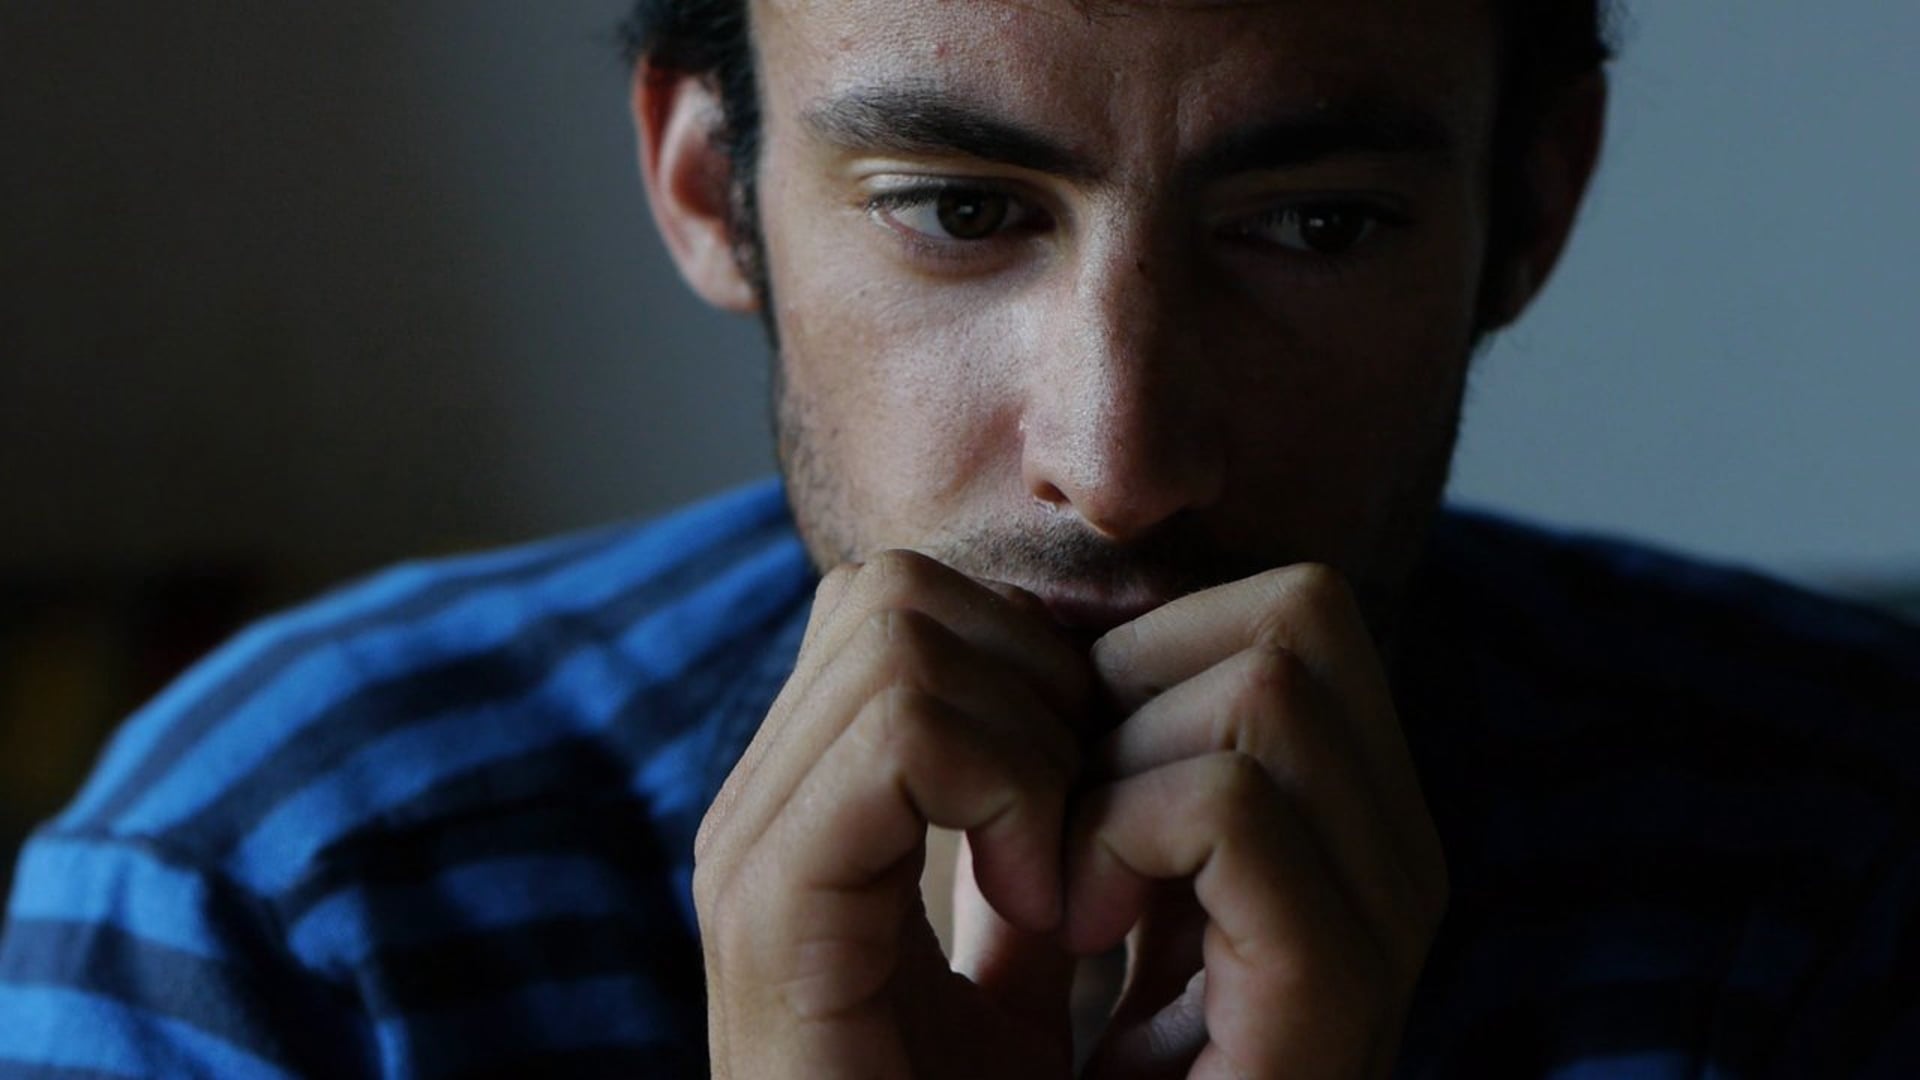 Kilian Jornet, el contador de lagos. Trailer subtítulos español.